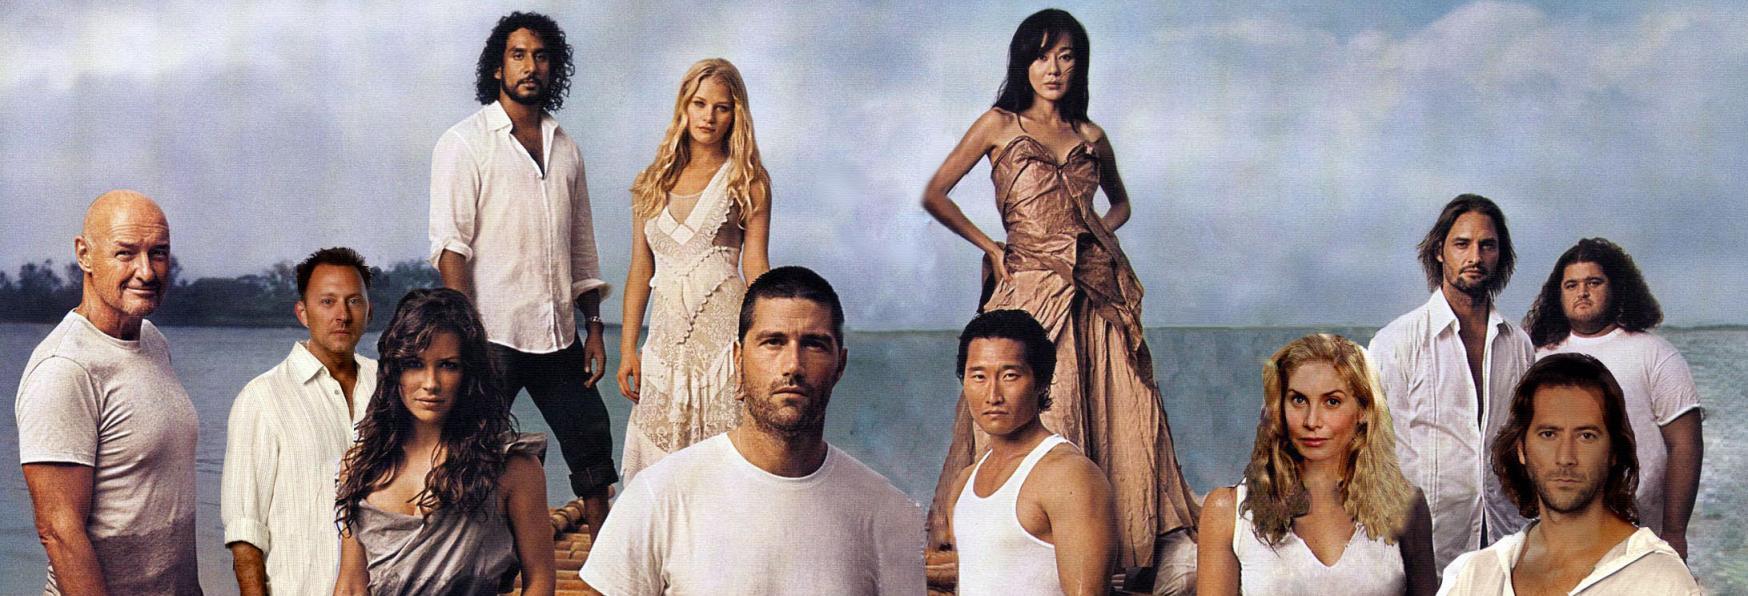 Lost: l'amata Serie TV di J. J. Abrams entrerà presto a far parte del Catalogo di Prime Video